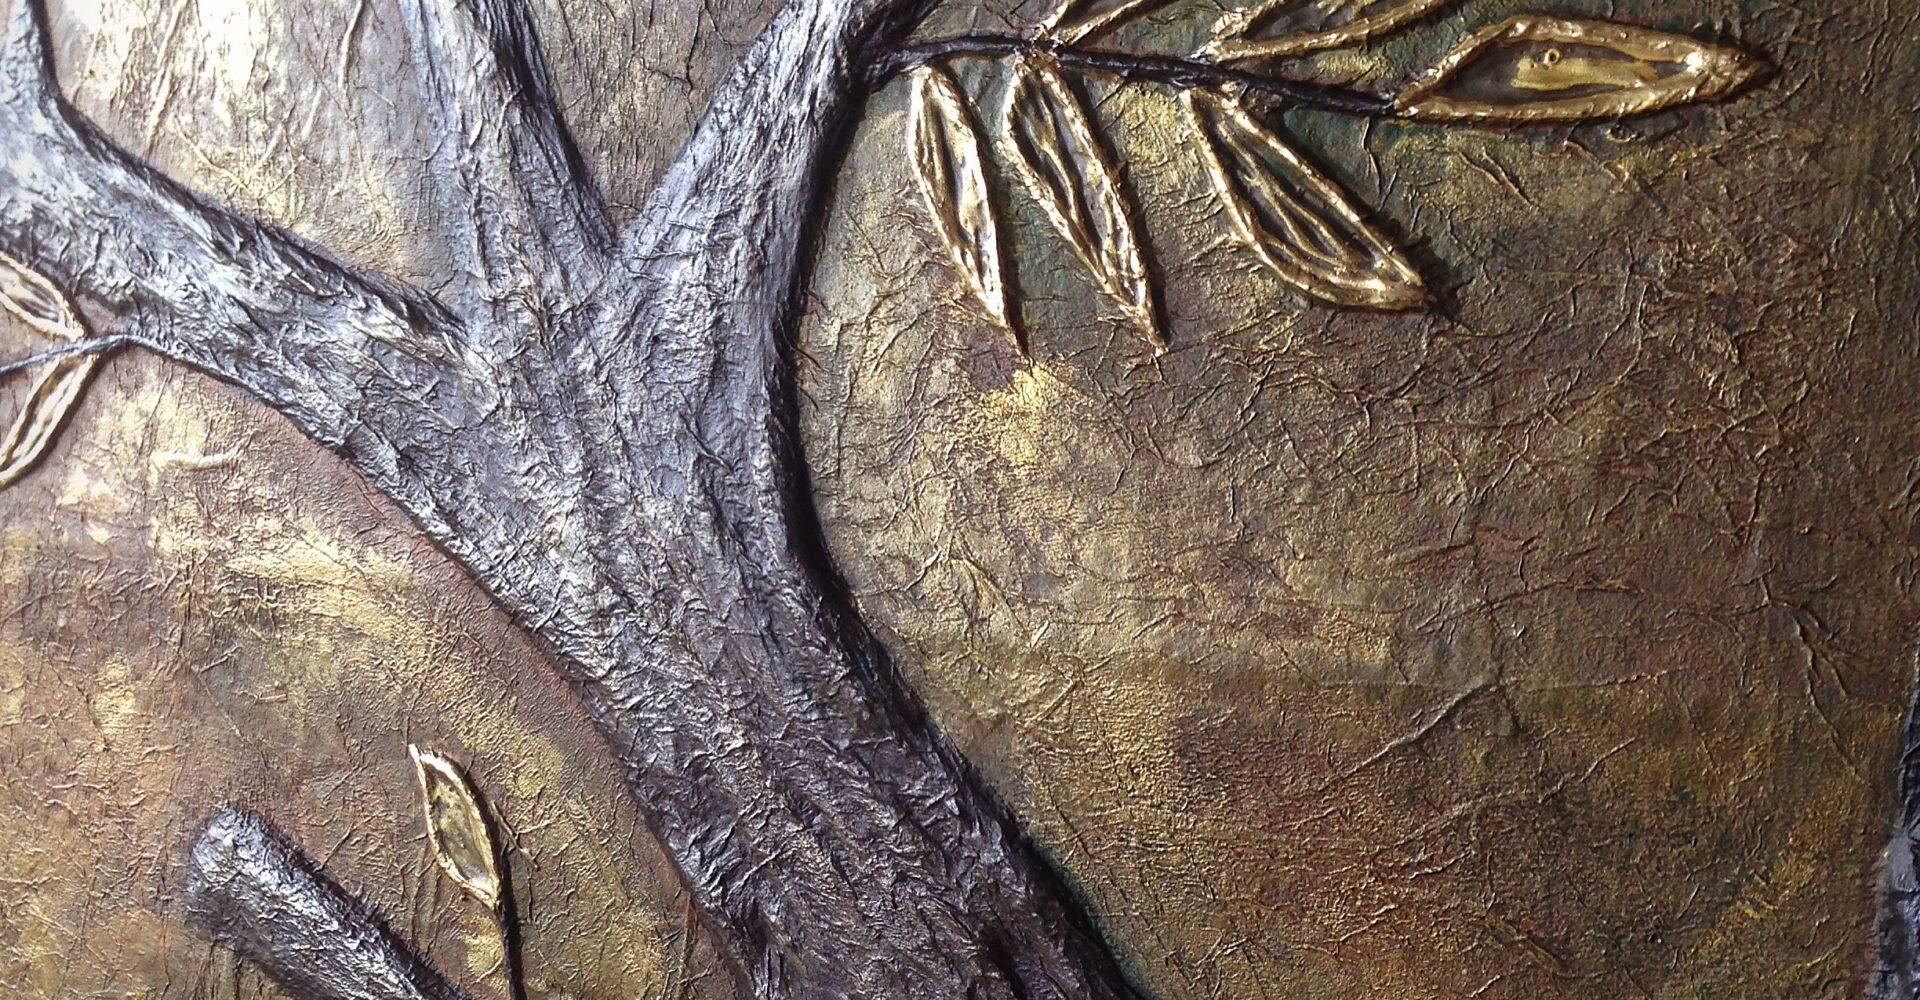 detail-soul-mates-2019-tiphanie-canada-artiste-peintre-bayonne